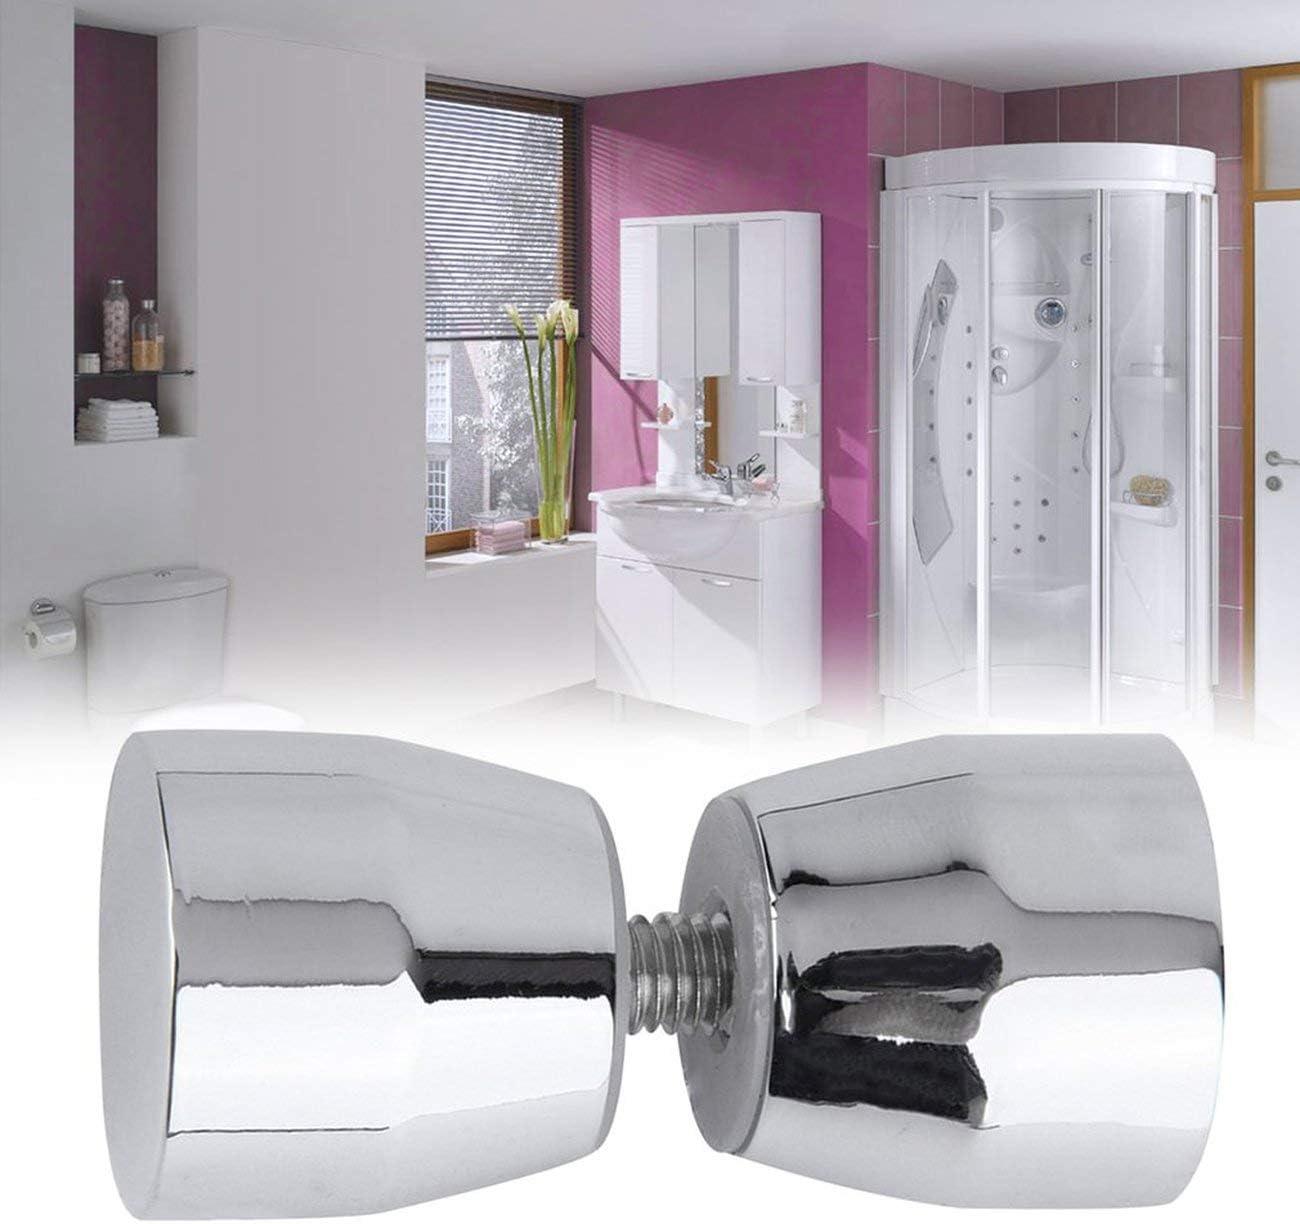 JIUY Duscht/ür-Griff verchromt silberfarben kegelf/örmig elegante Dekoration f/ür Zuhause Badezimmer